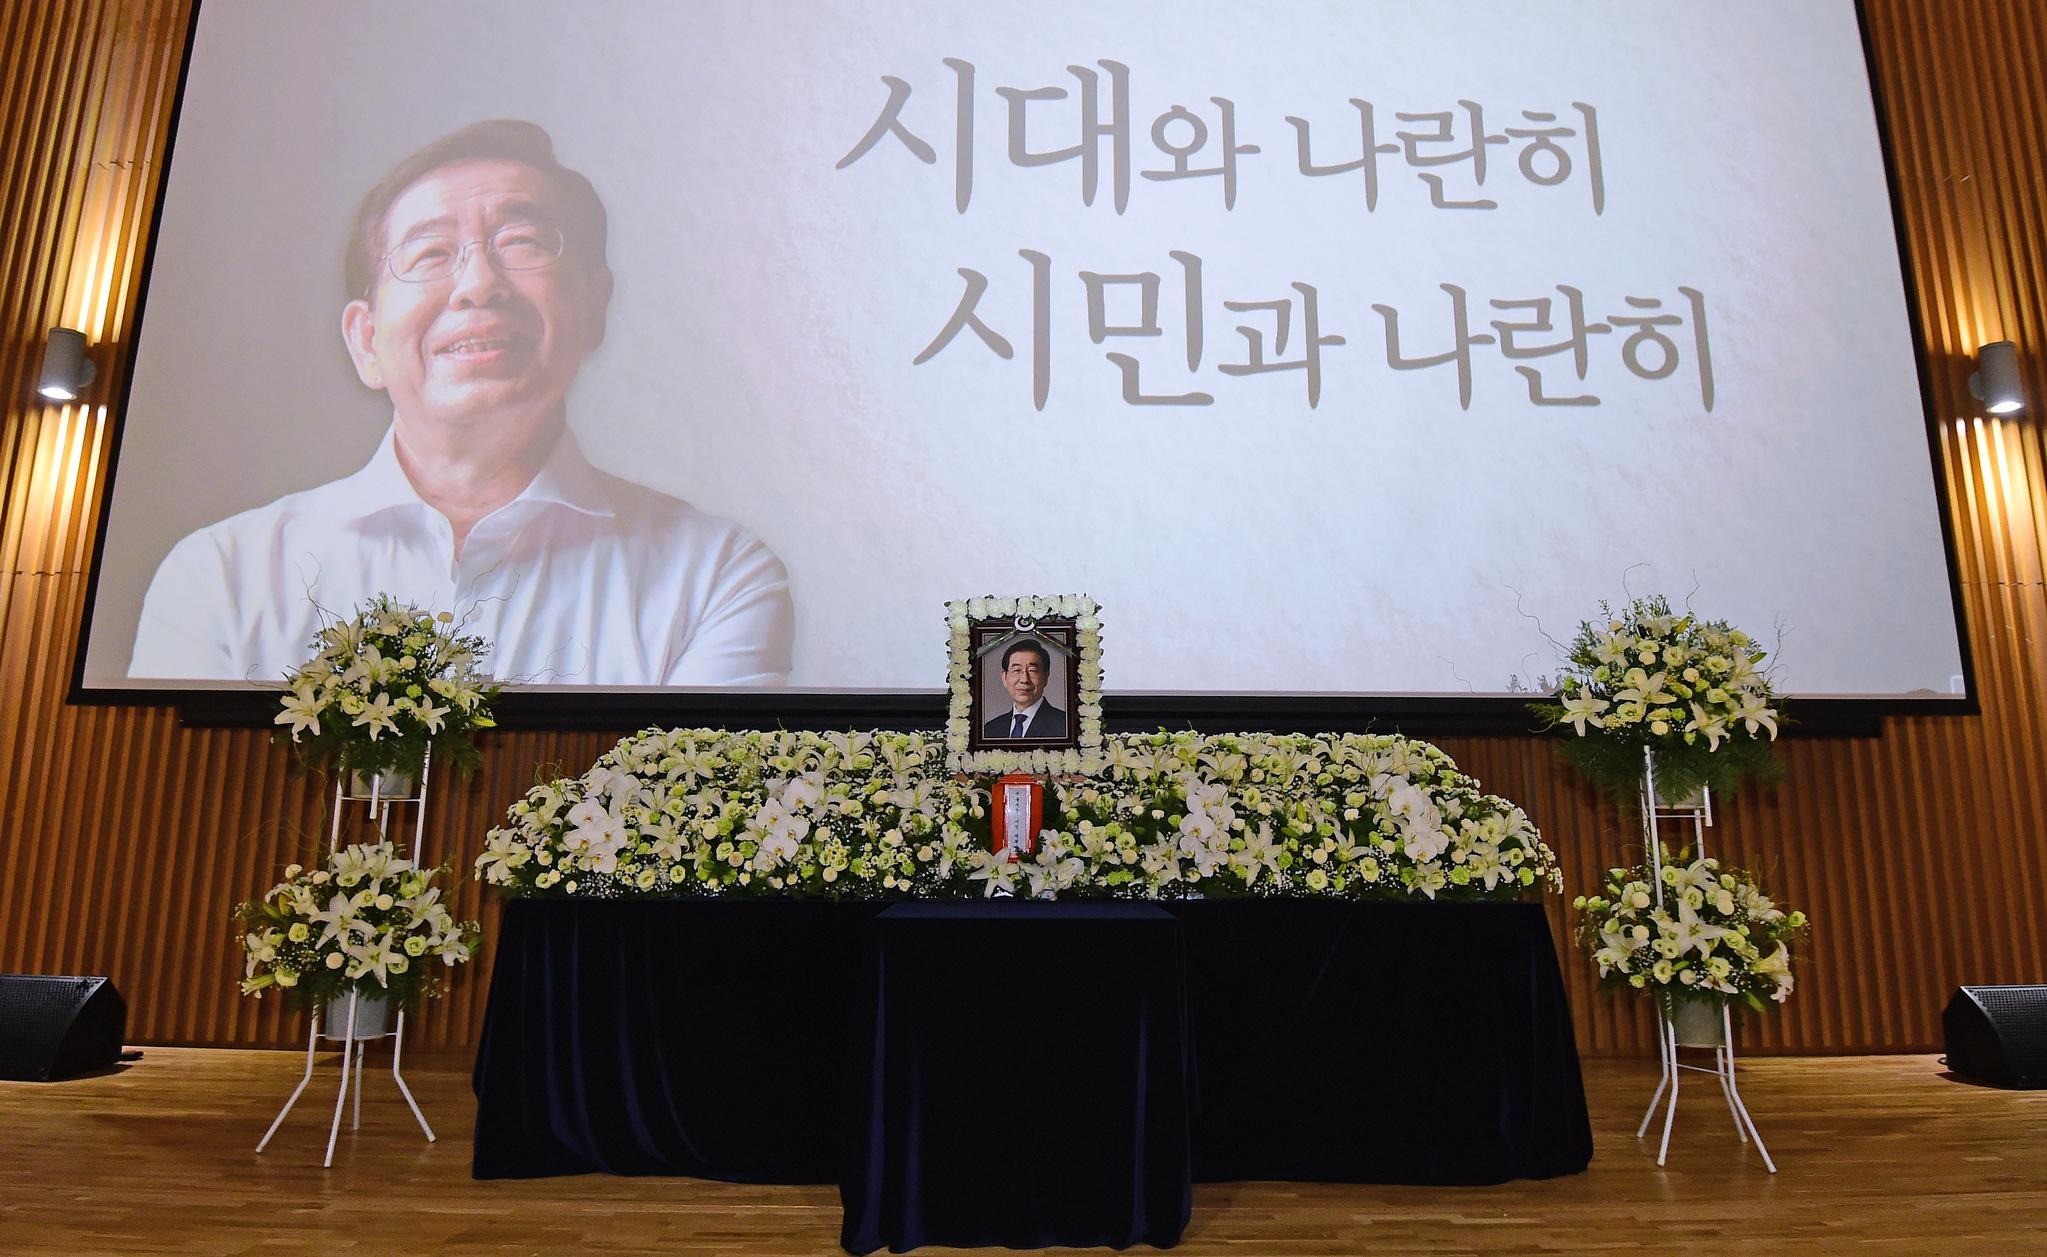 13일 서울 중구 서울시청에서 고 박원순 서울특별시장 영결식이 열리고 있다. 사진공동취재단